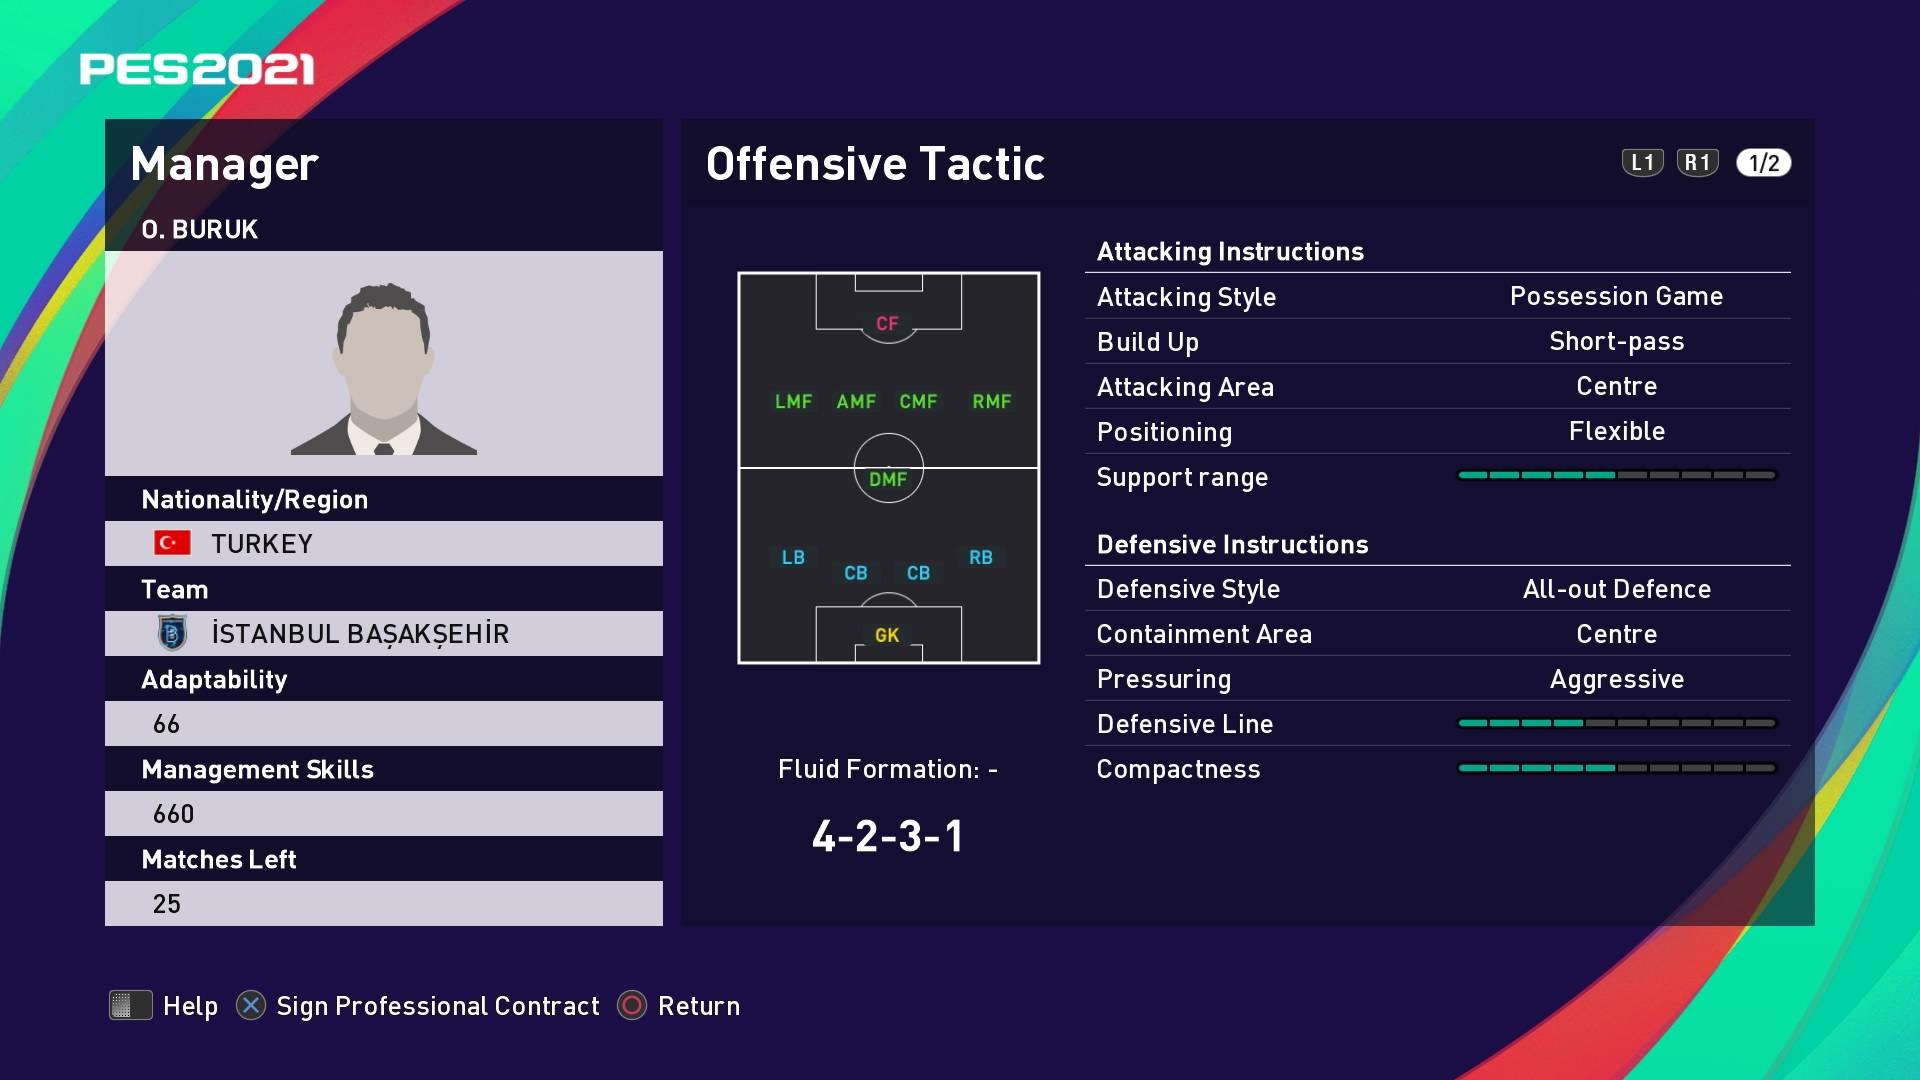 O. Buruk (Okan Buruk) Offensive Tactic in PES 2021 myClub